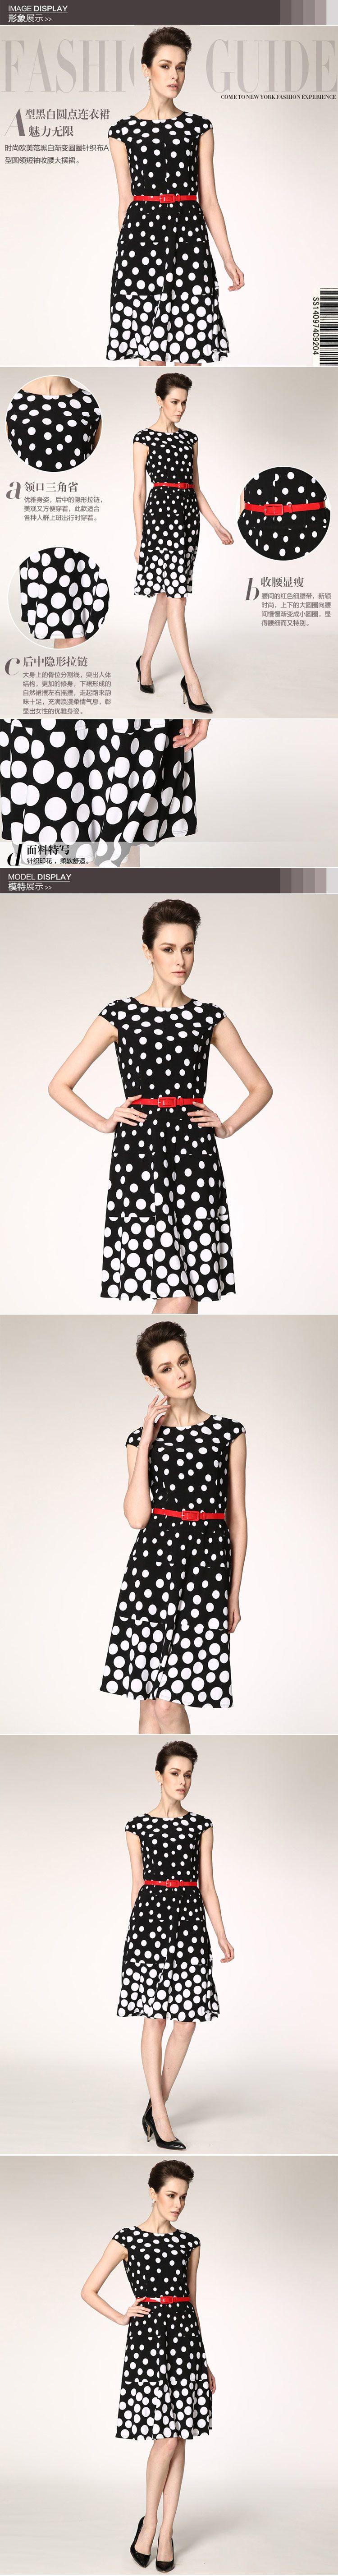 女装黑白圆点针织印花修身连衣裙